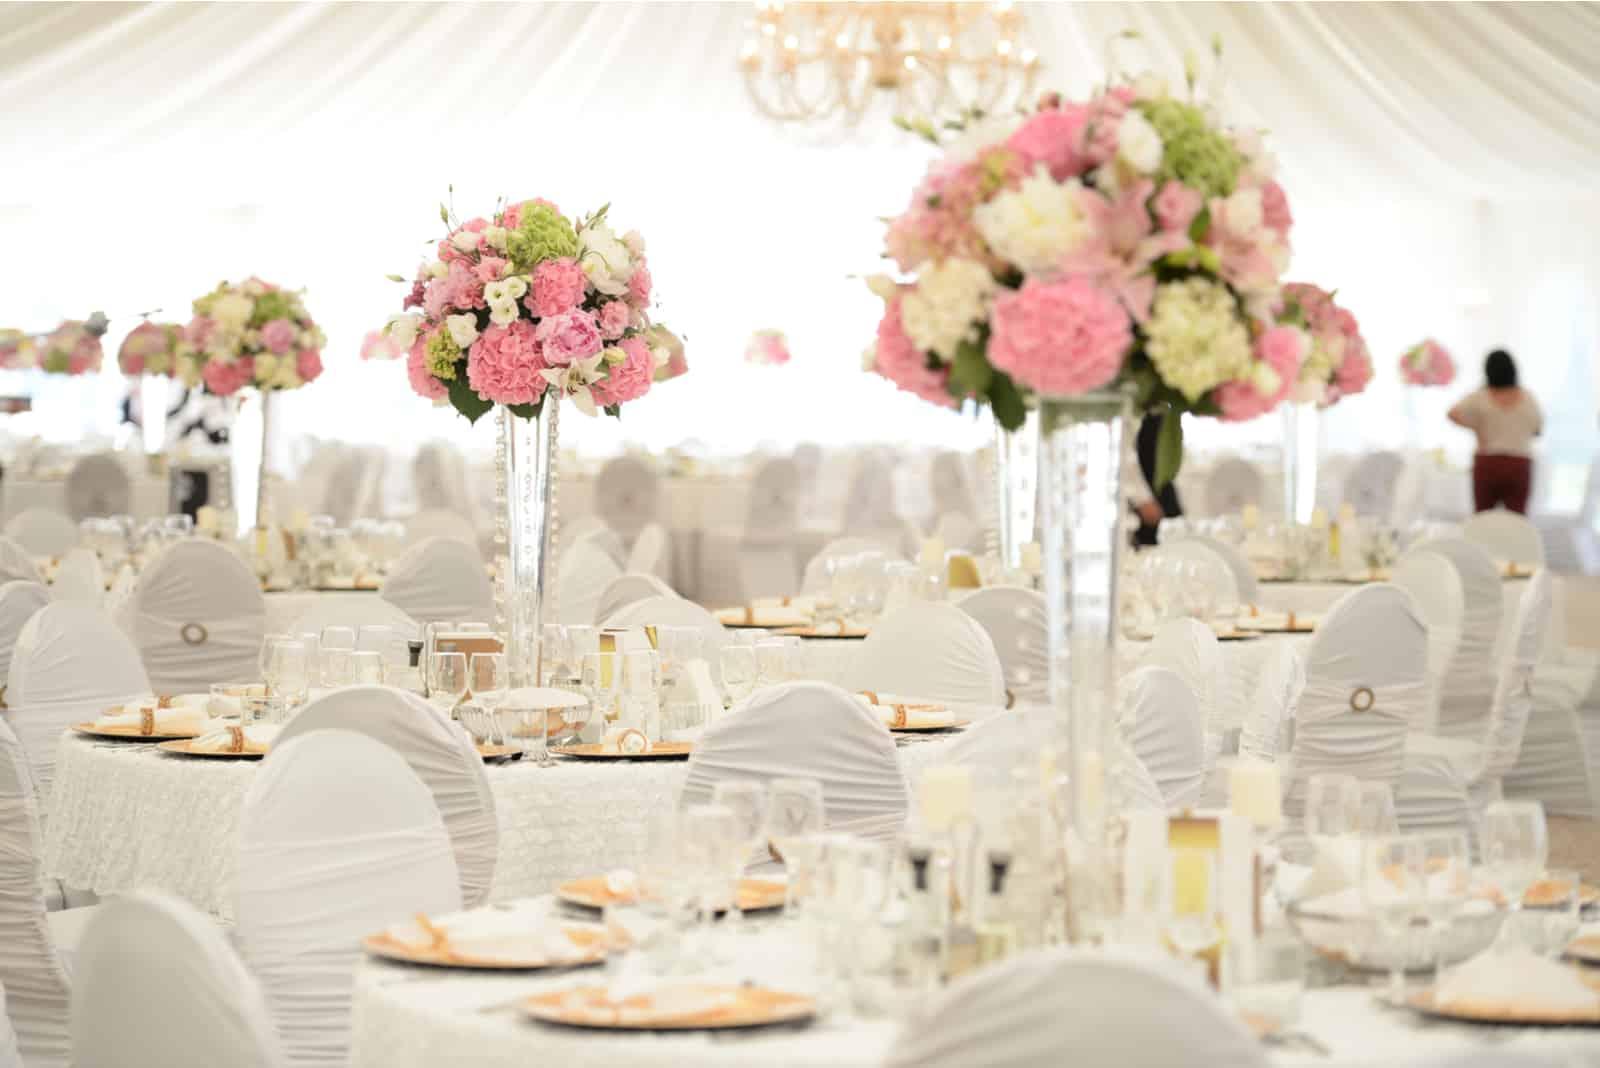 Schöne Blumen auf Tisch am Hochzeitstag (2)